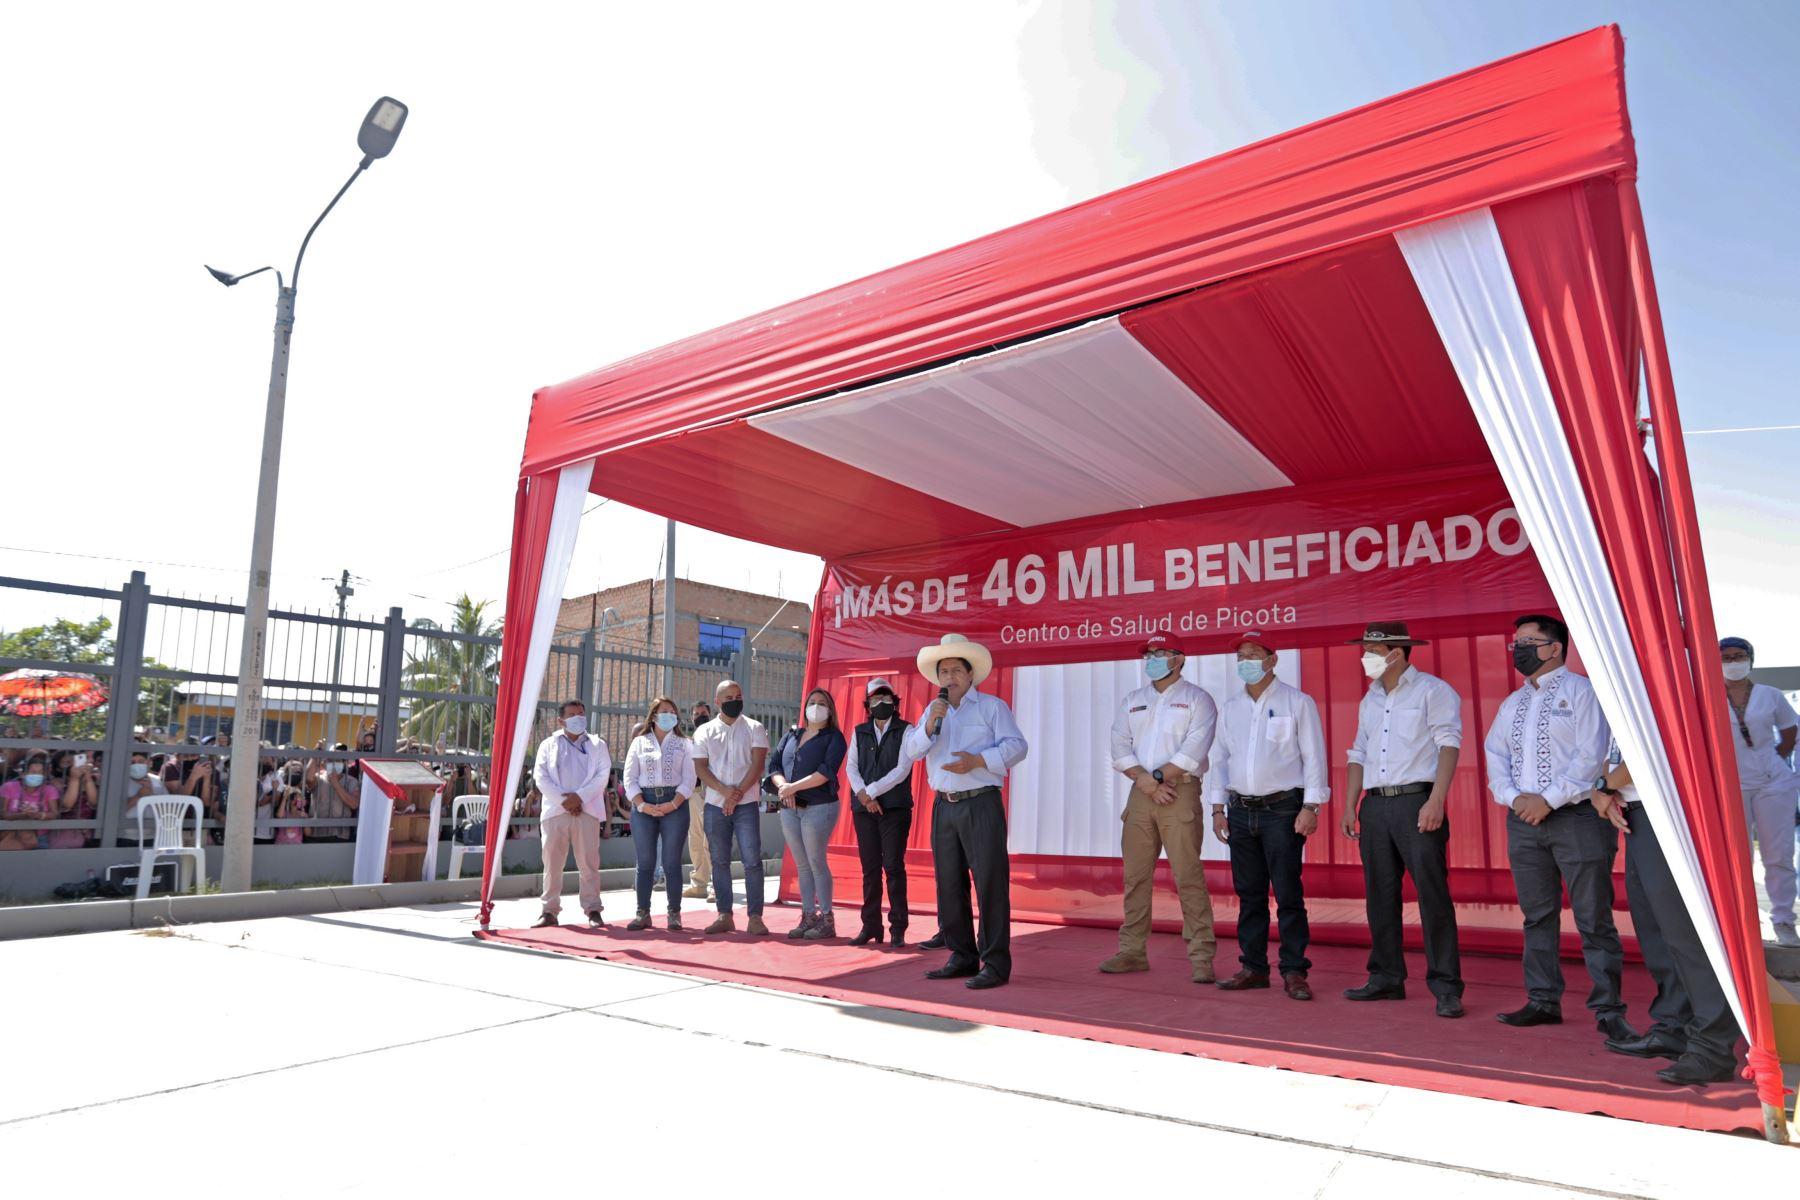 El presidente Pedro Castillo supervisa servicio de atención del Hospital de Picota. Foto: ANDINA/ Prensa Presidencia